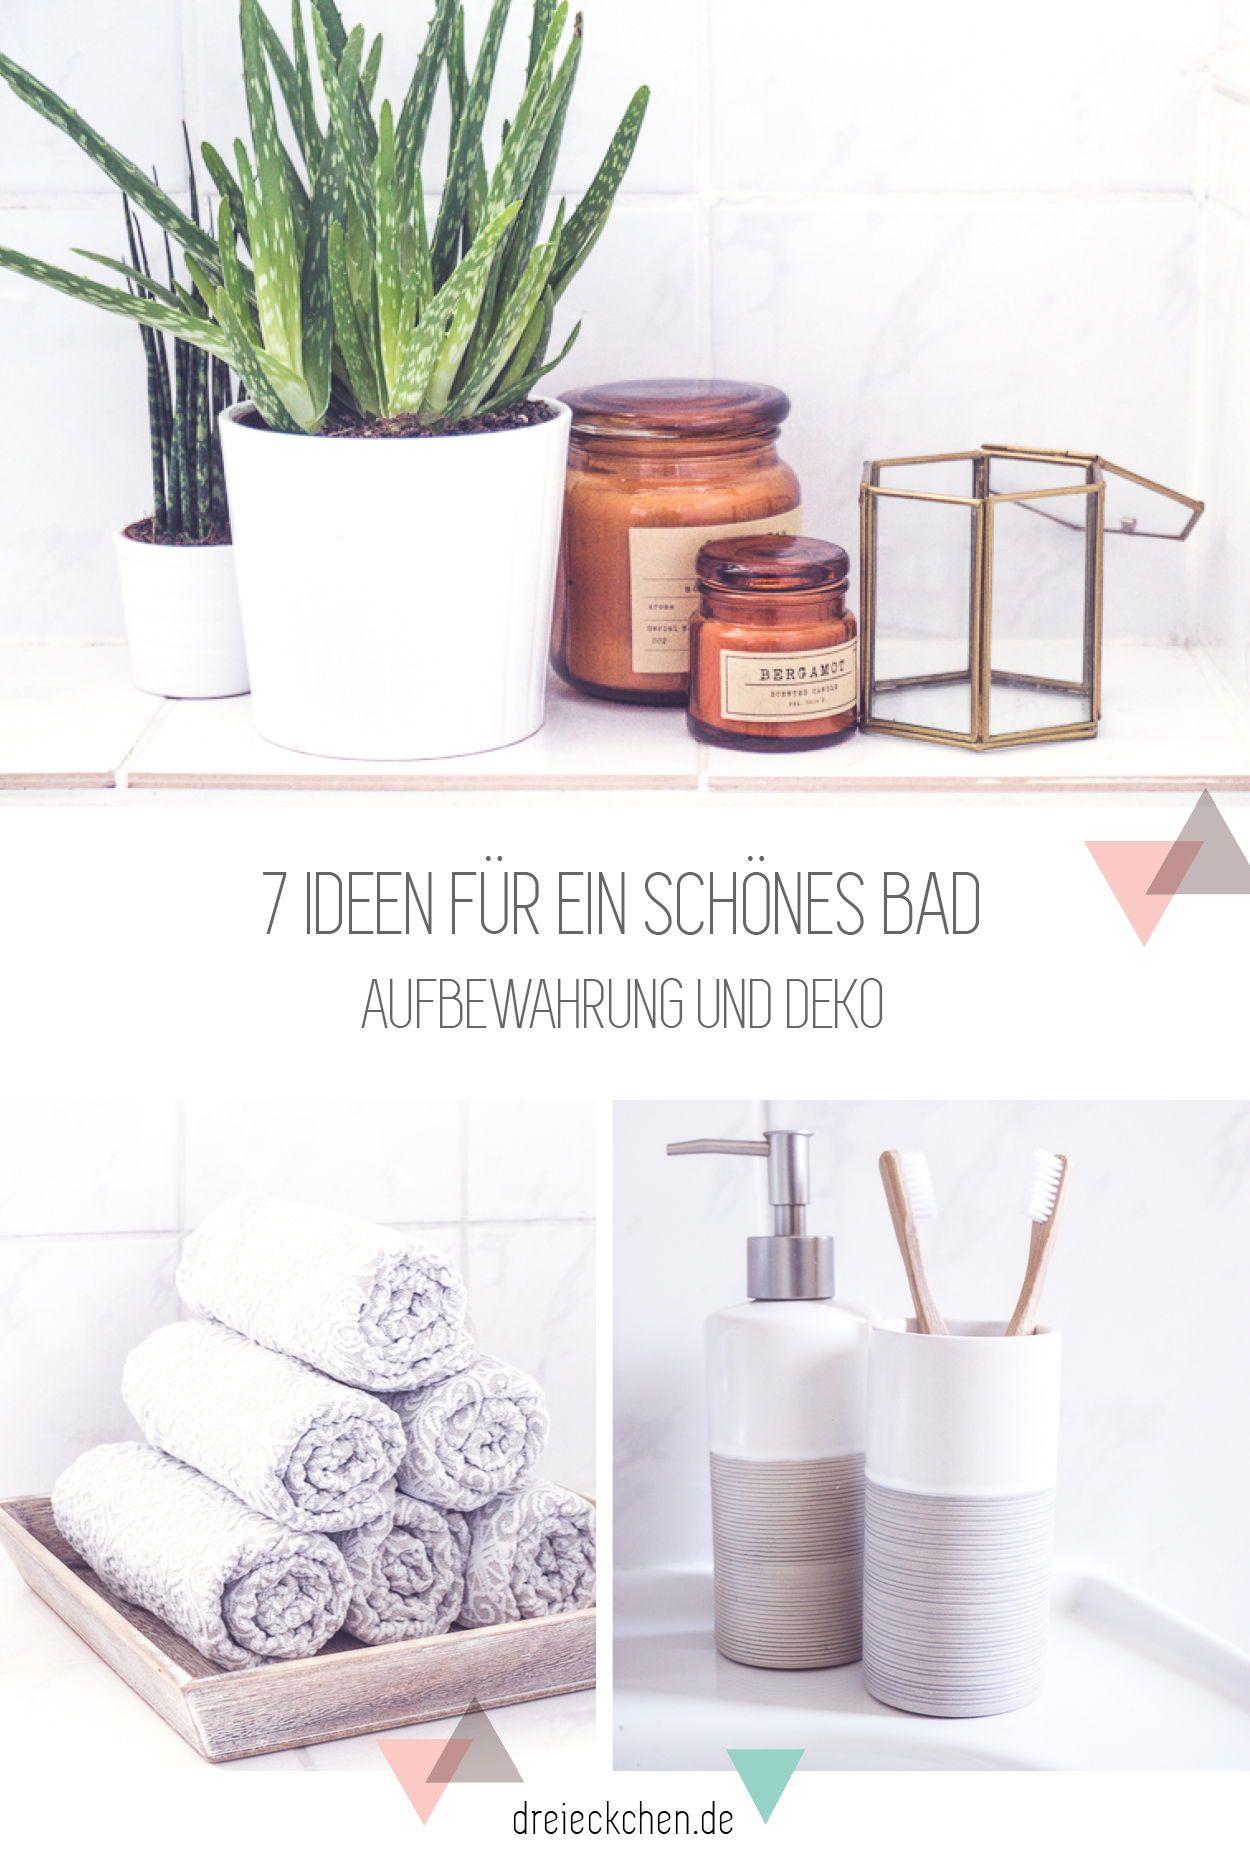 Photo of 7 ideas de decoración para un hermoso baño con IKEA